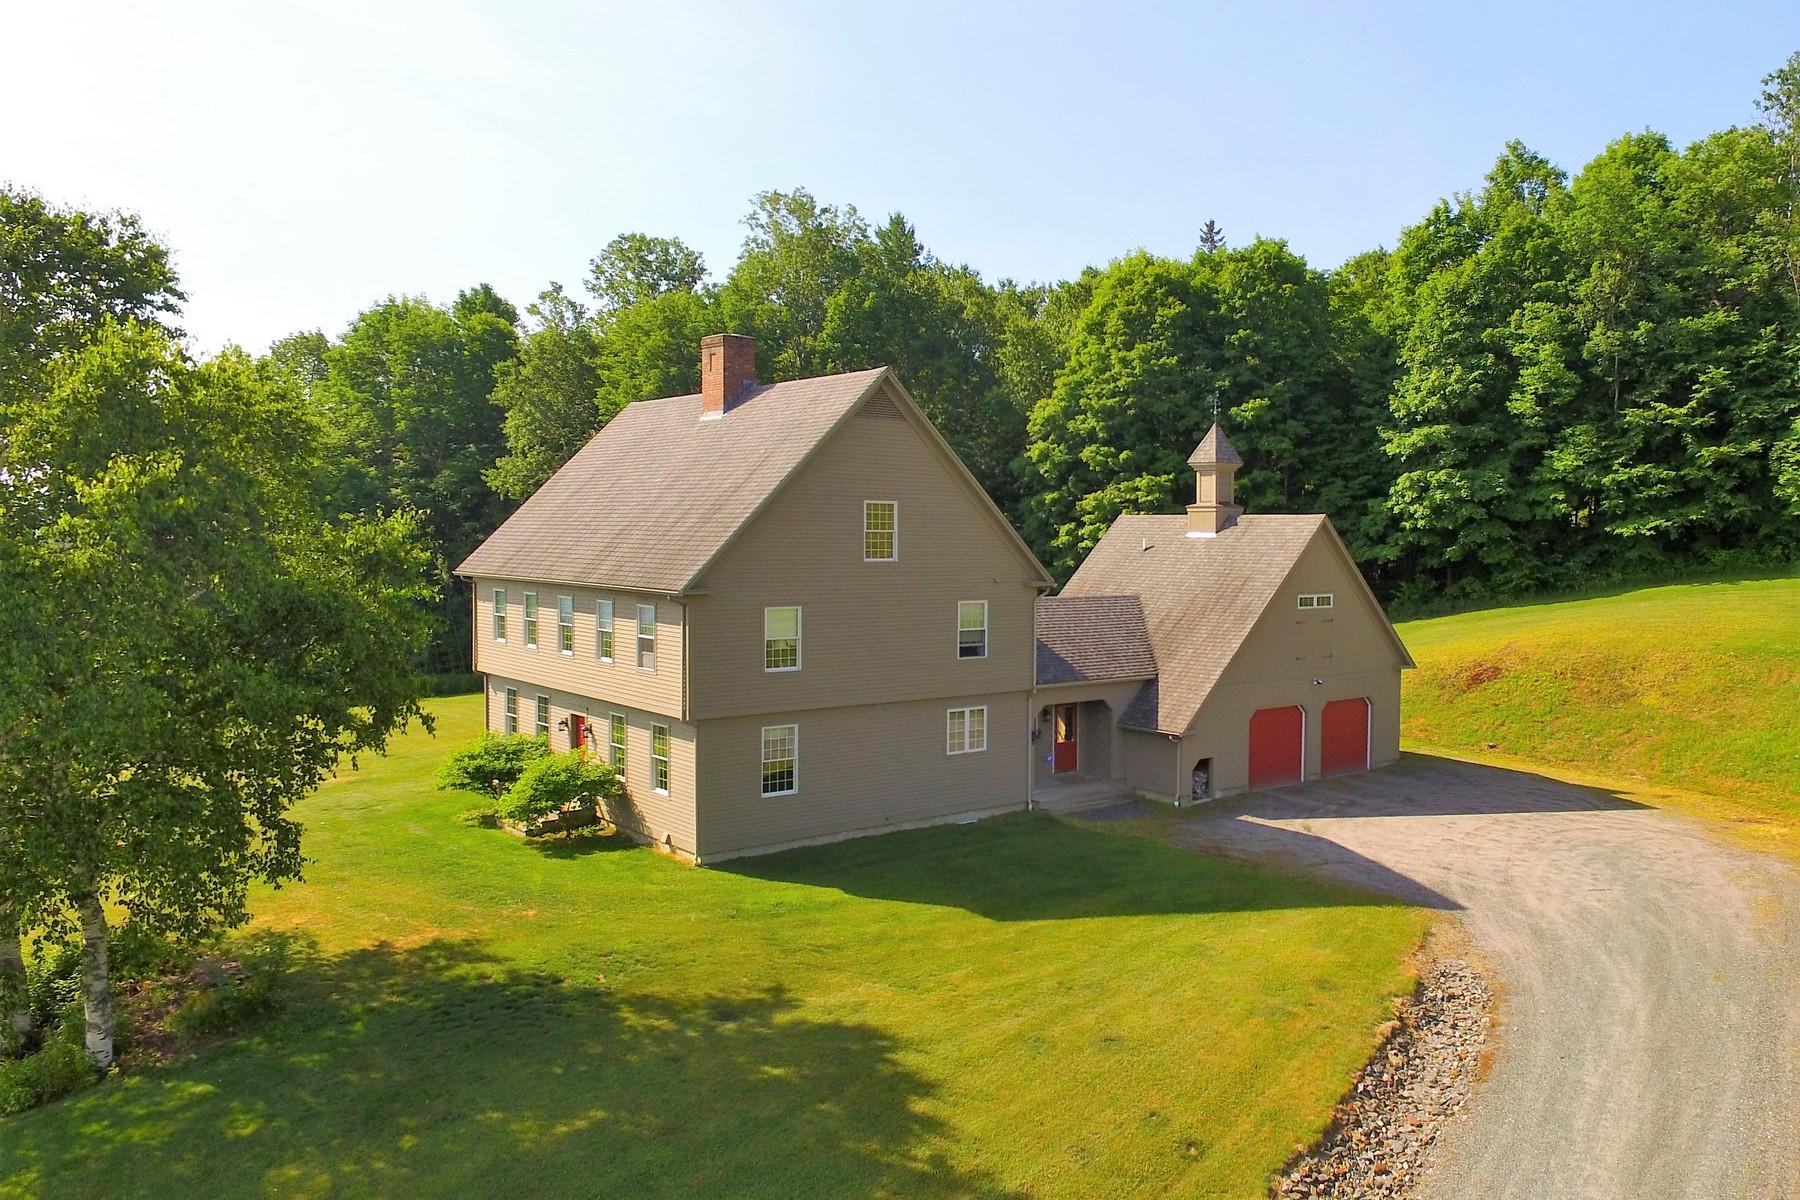 Villa per Vendita alle ore Vermont Equestrian Lifestyle 263 Bedor Ln St. Johnsbury, Vermont, 05819 Stati Uniti